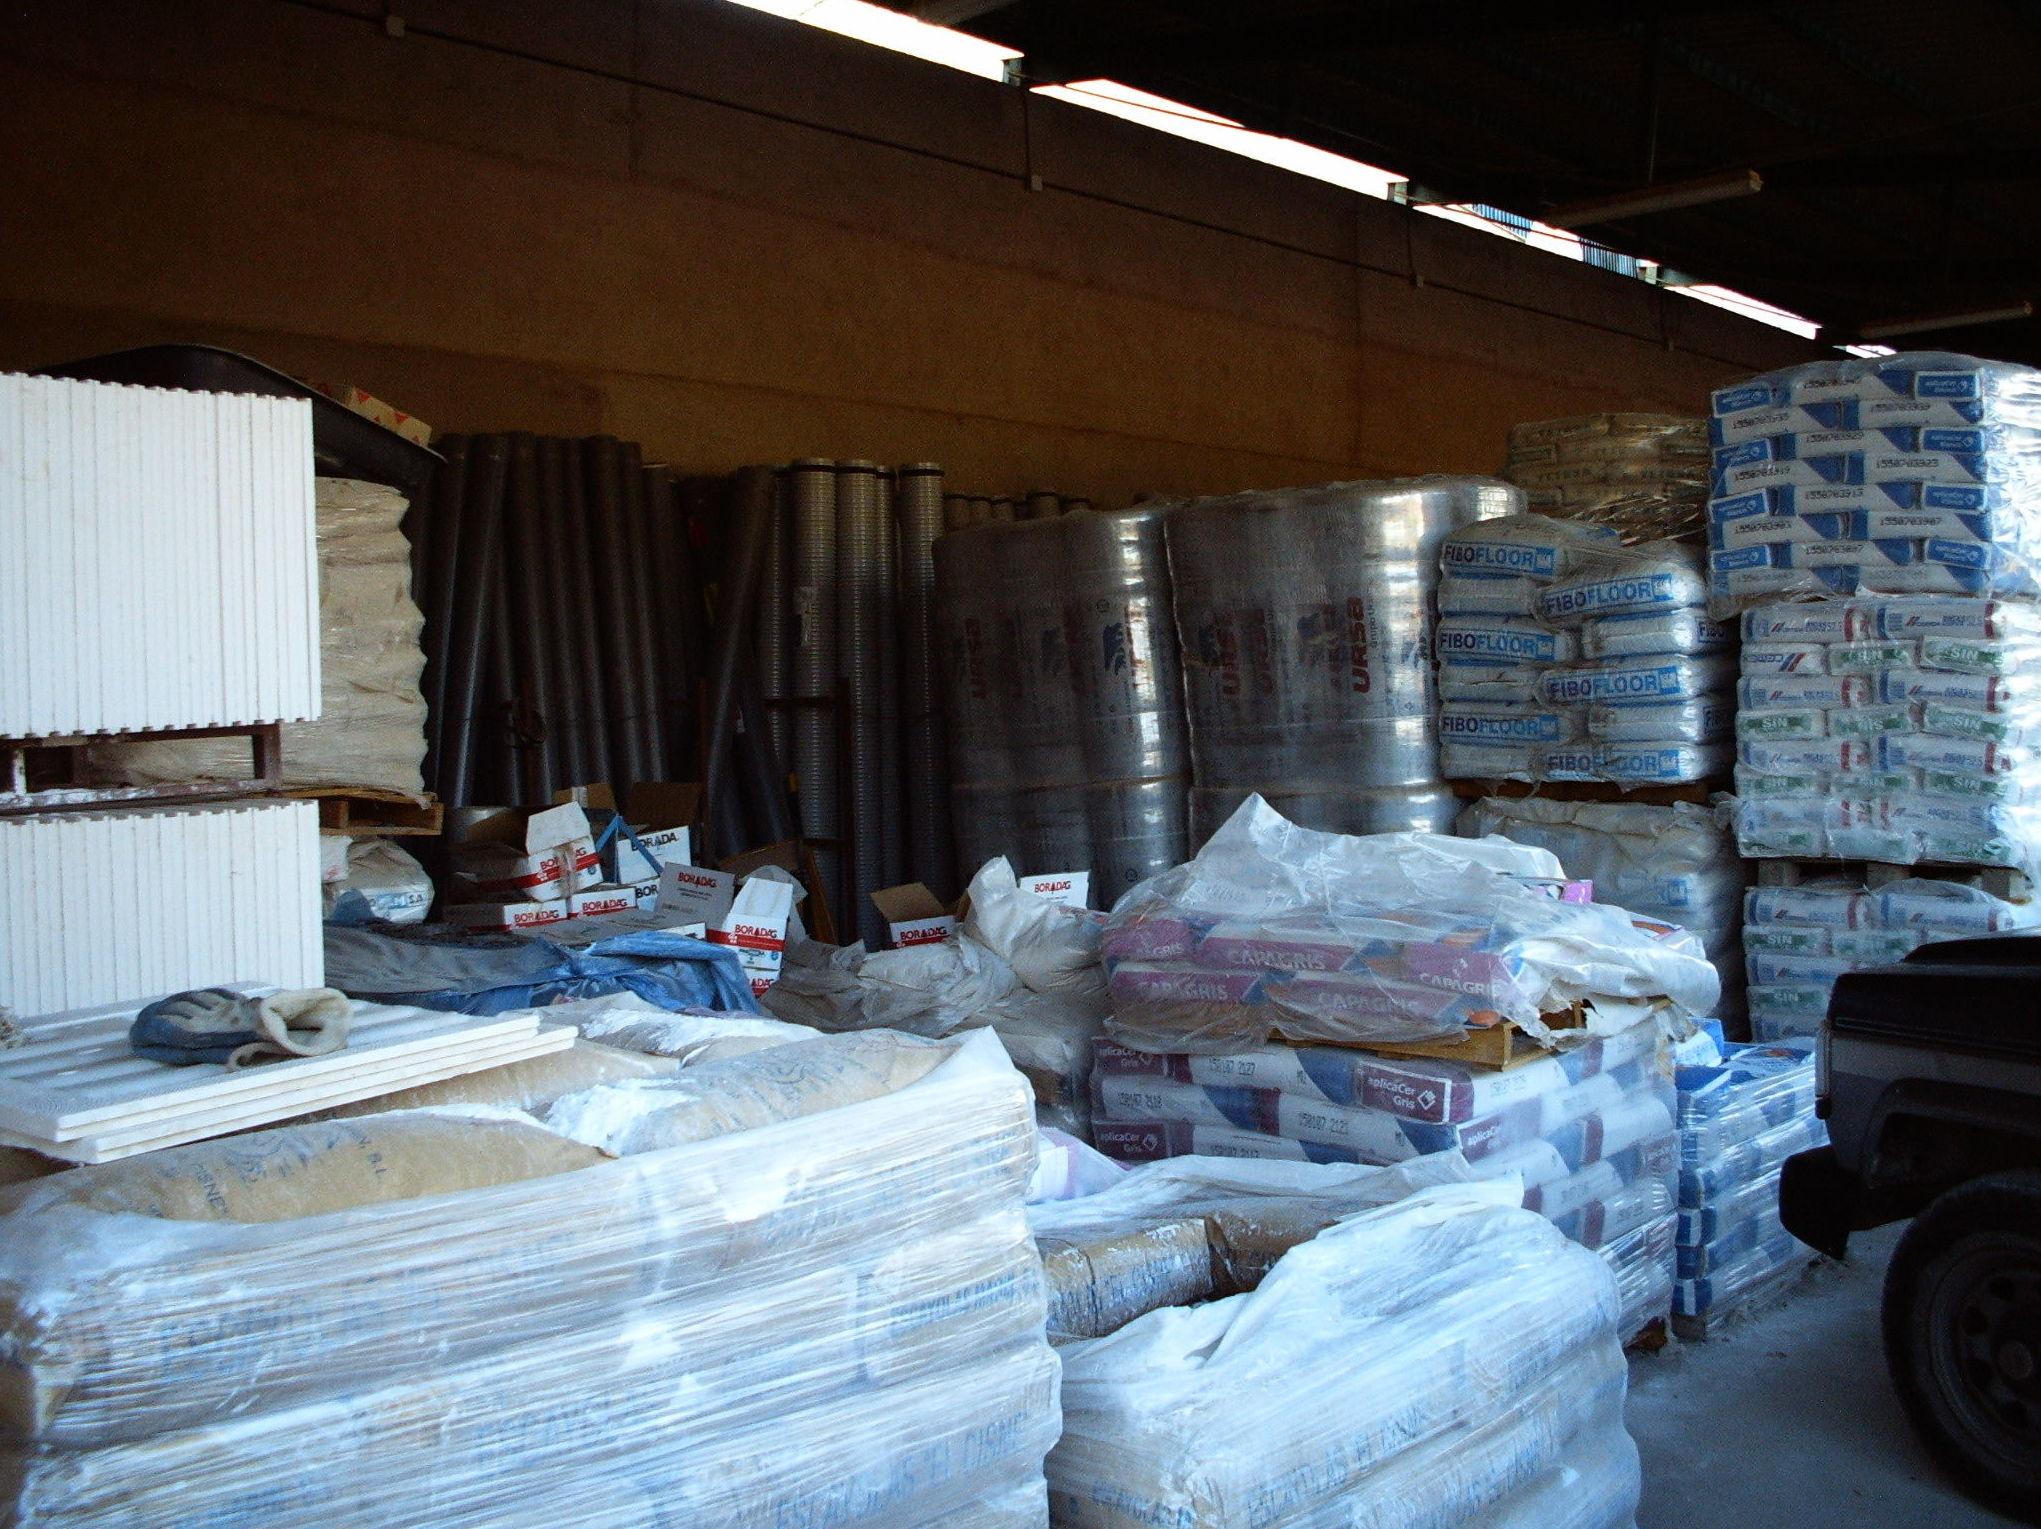 Almacén de materiales de construcción